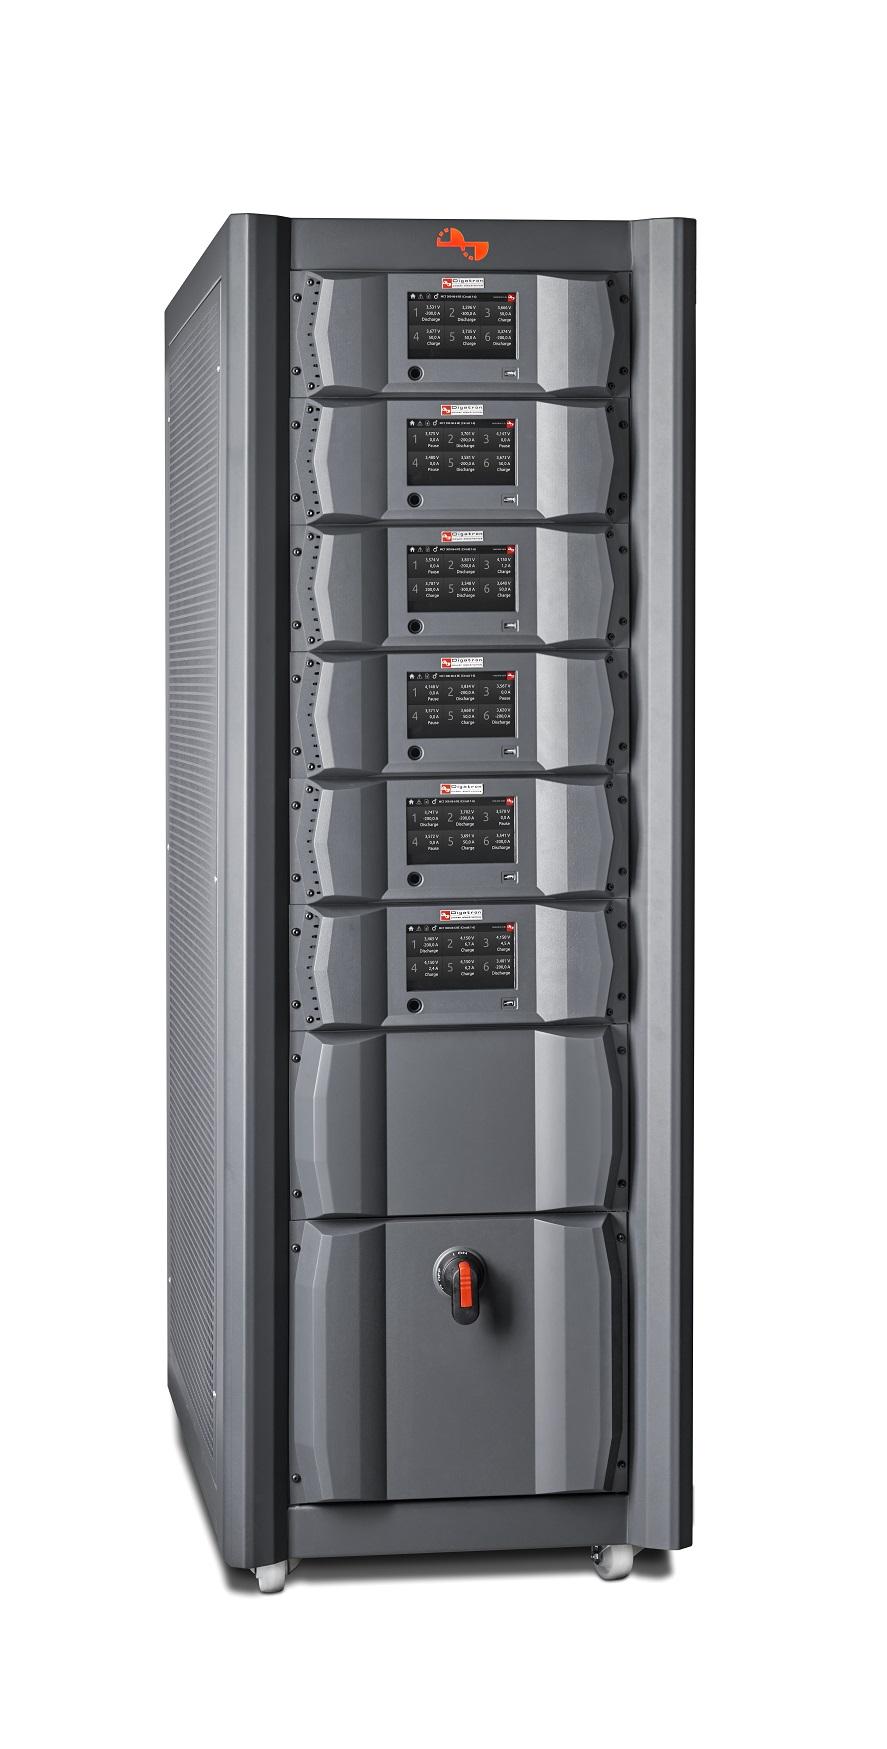 Digatron UBT-RE, Testssystem f?r Hochstromtests an Starterbatterien zwischen 10 und 40 Ampere, Einzelschrank